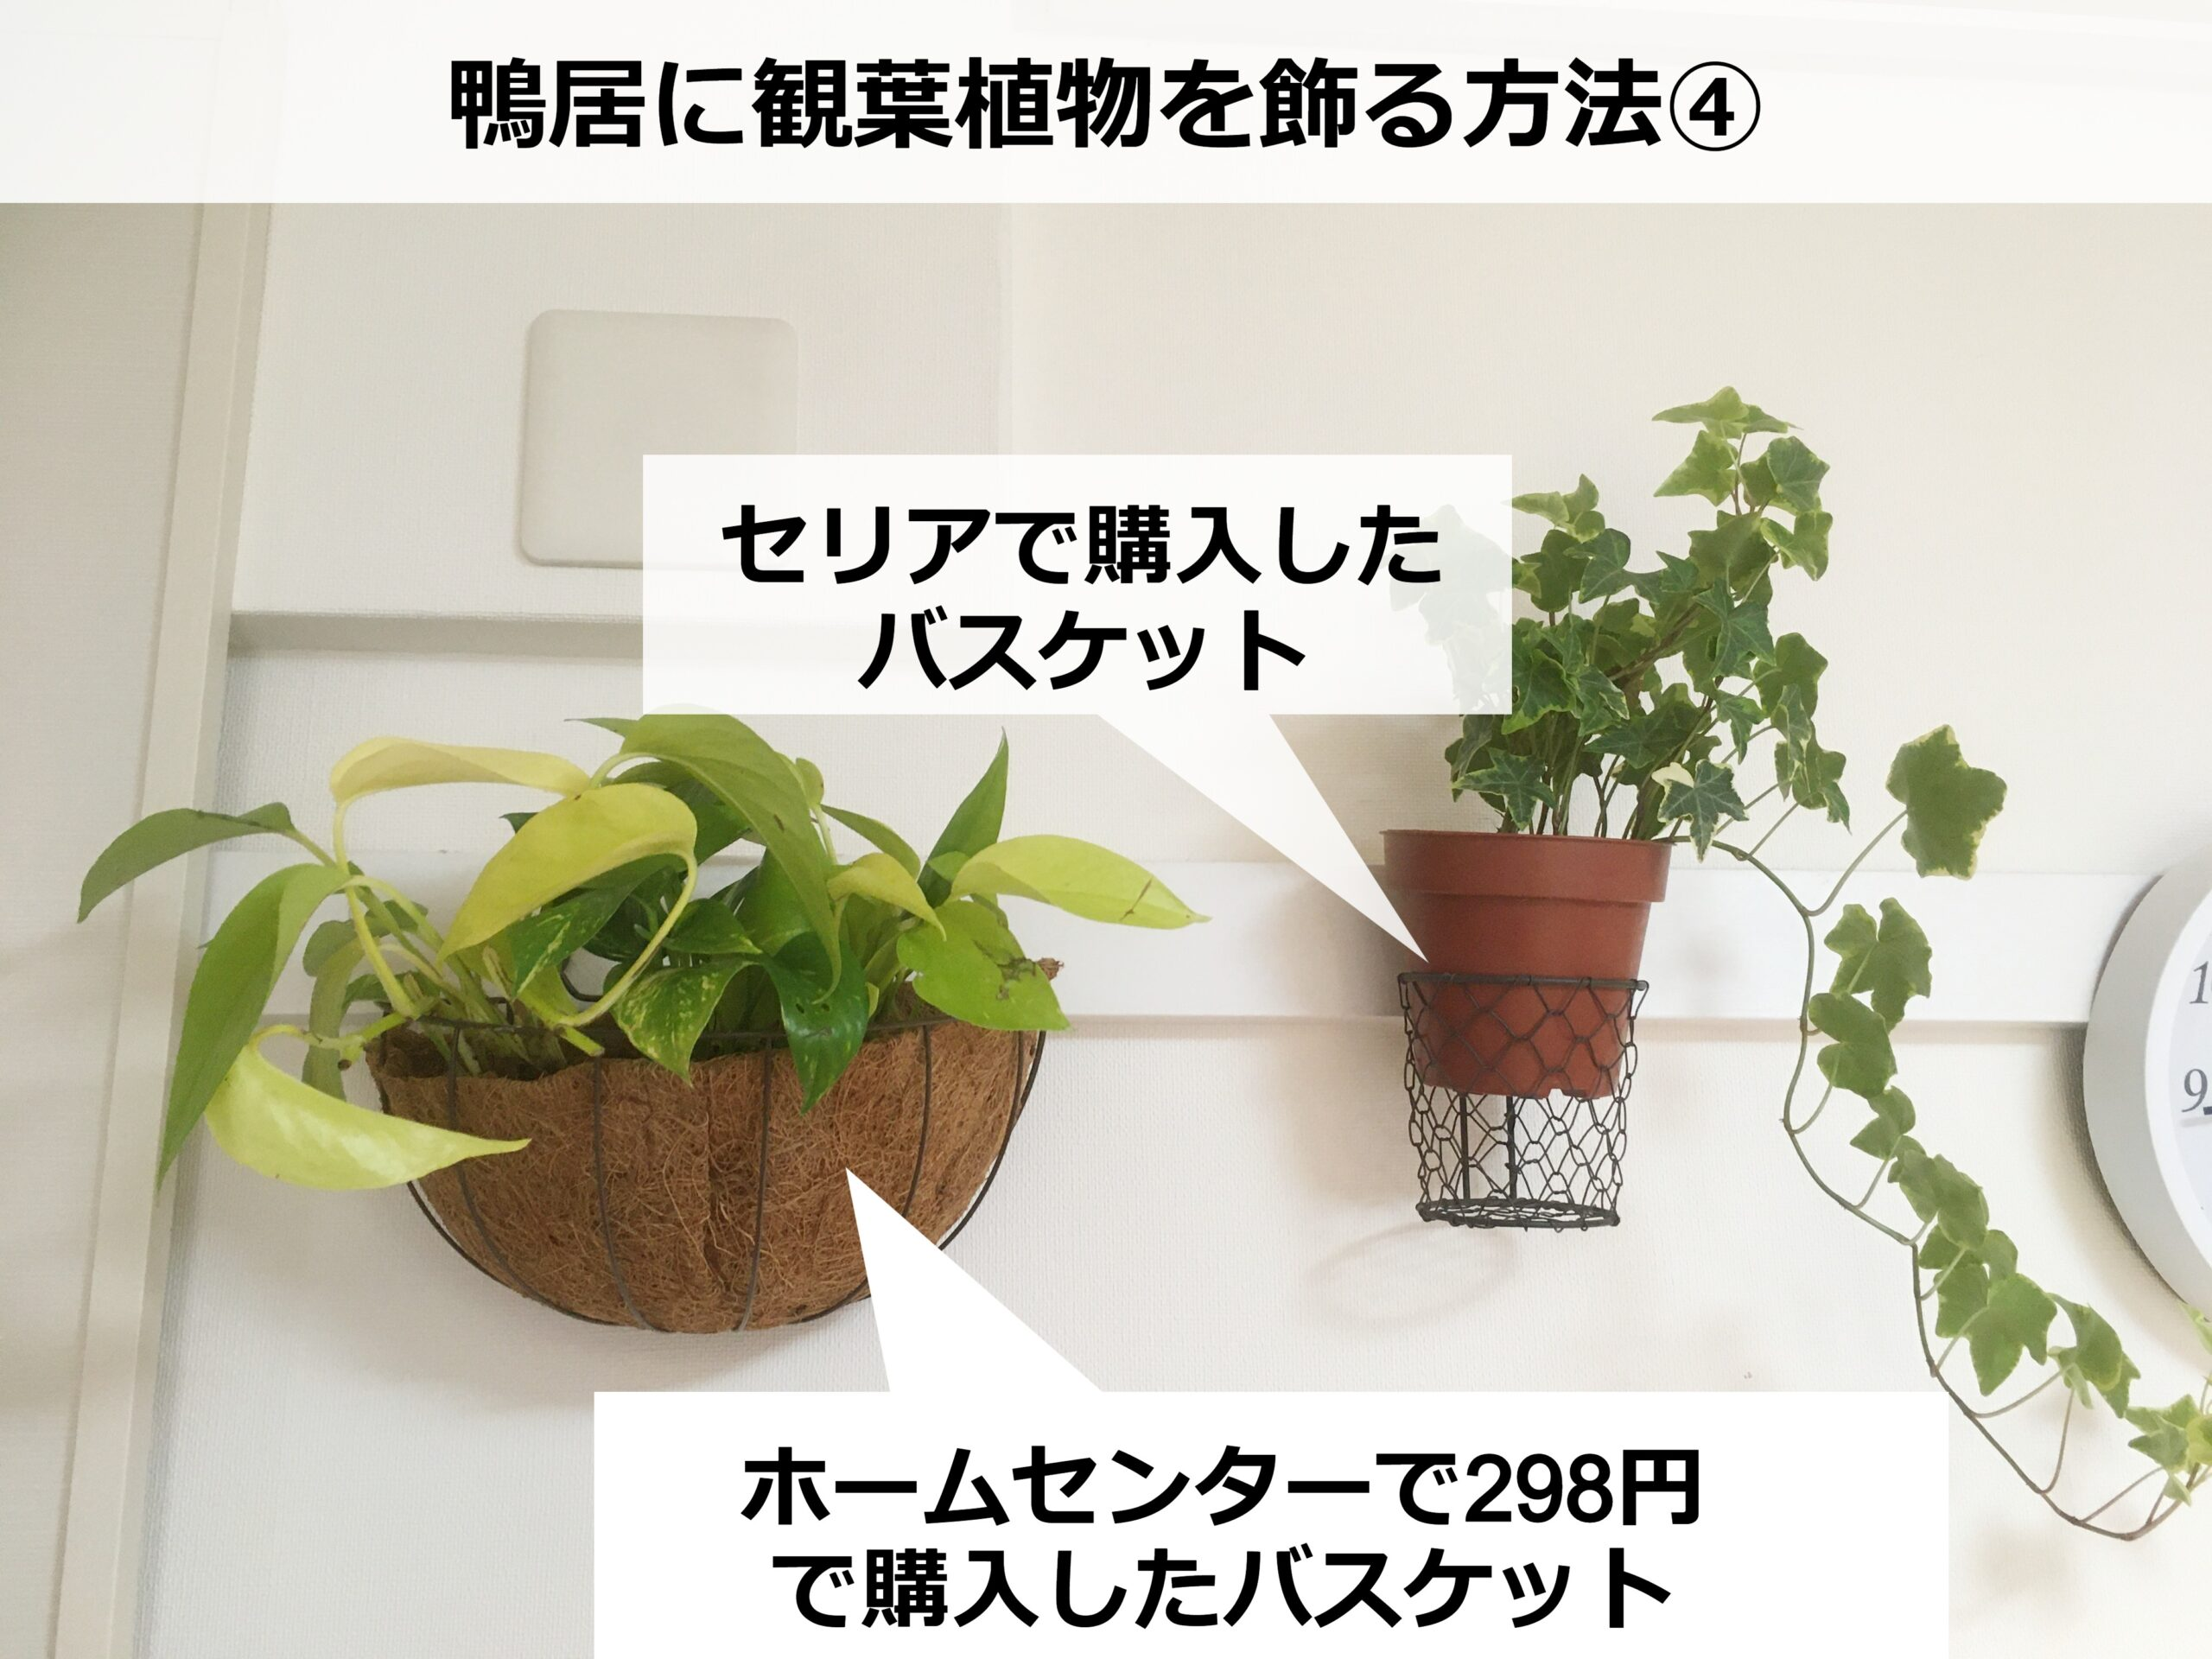 鴨居に飾った観葉植物